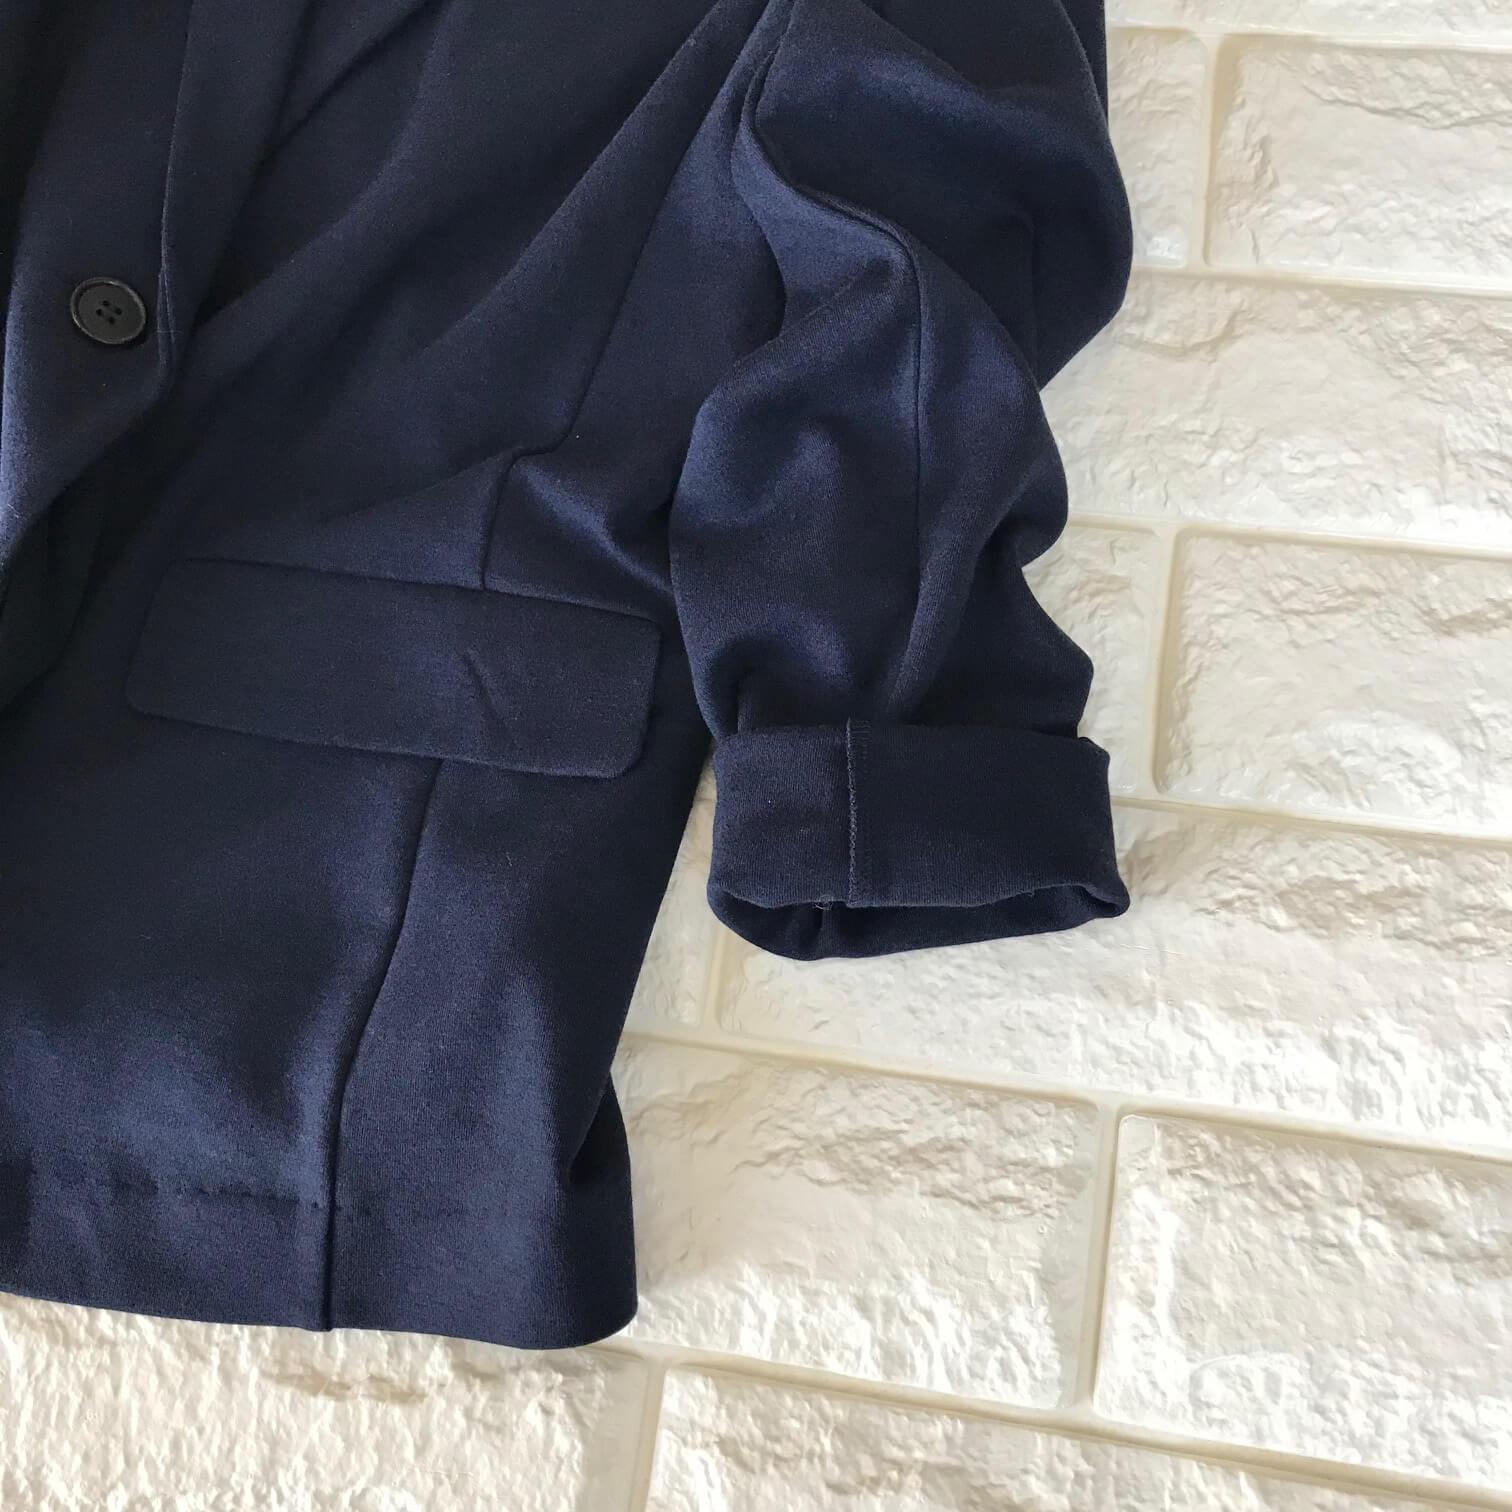 ユニクロのジャケット1枚で変わる!毎日簡単きれいめスタイル【高見えプチプラファッション #3】_1_6